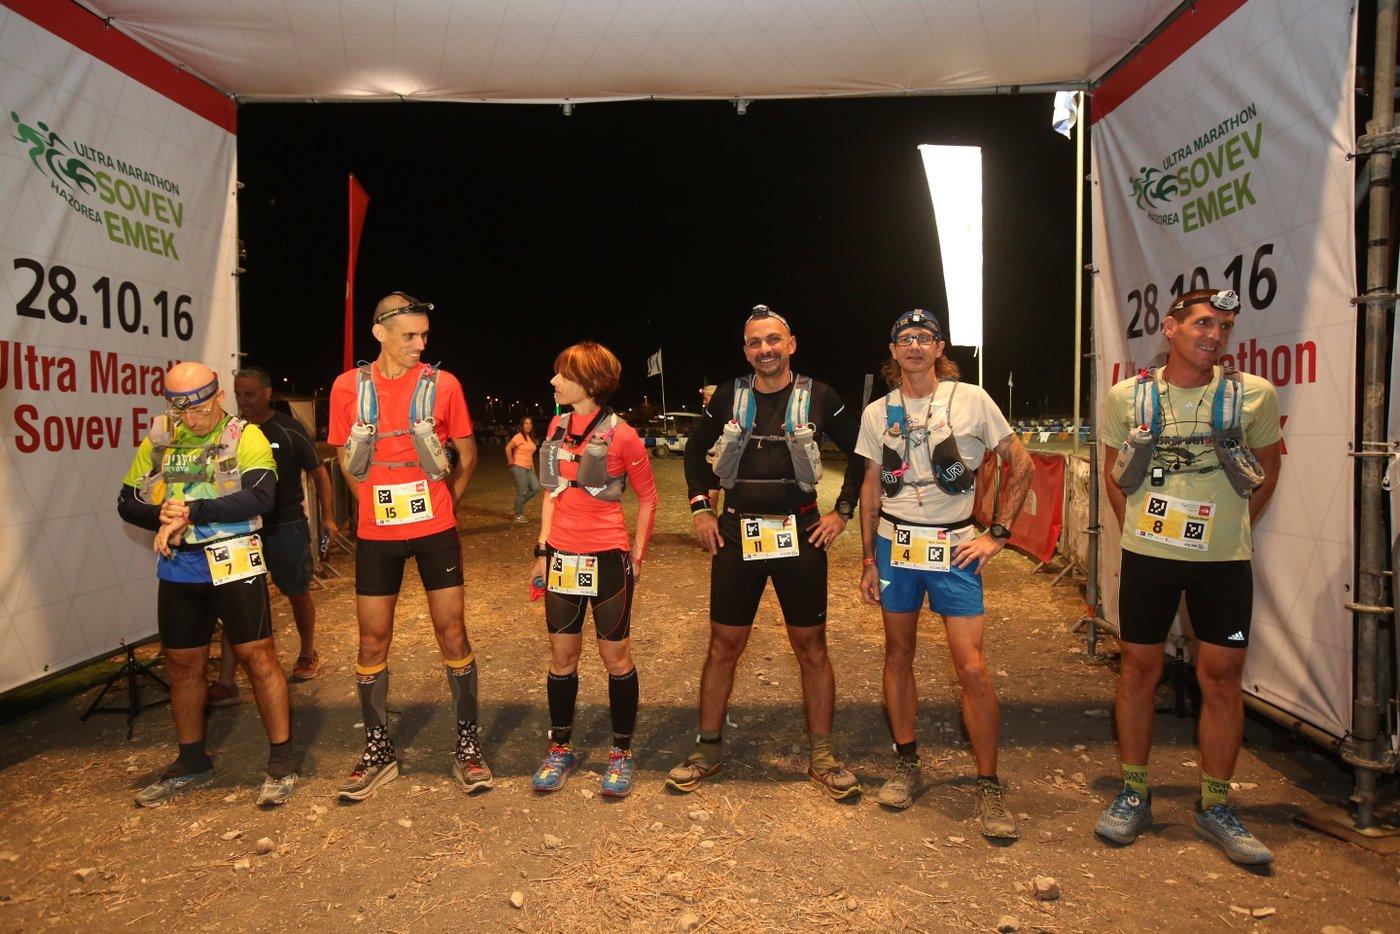 אולטרה מרתון סובב עמק - Sovev Emek Ultra Marathon